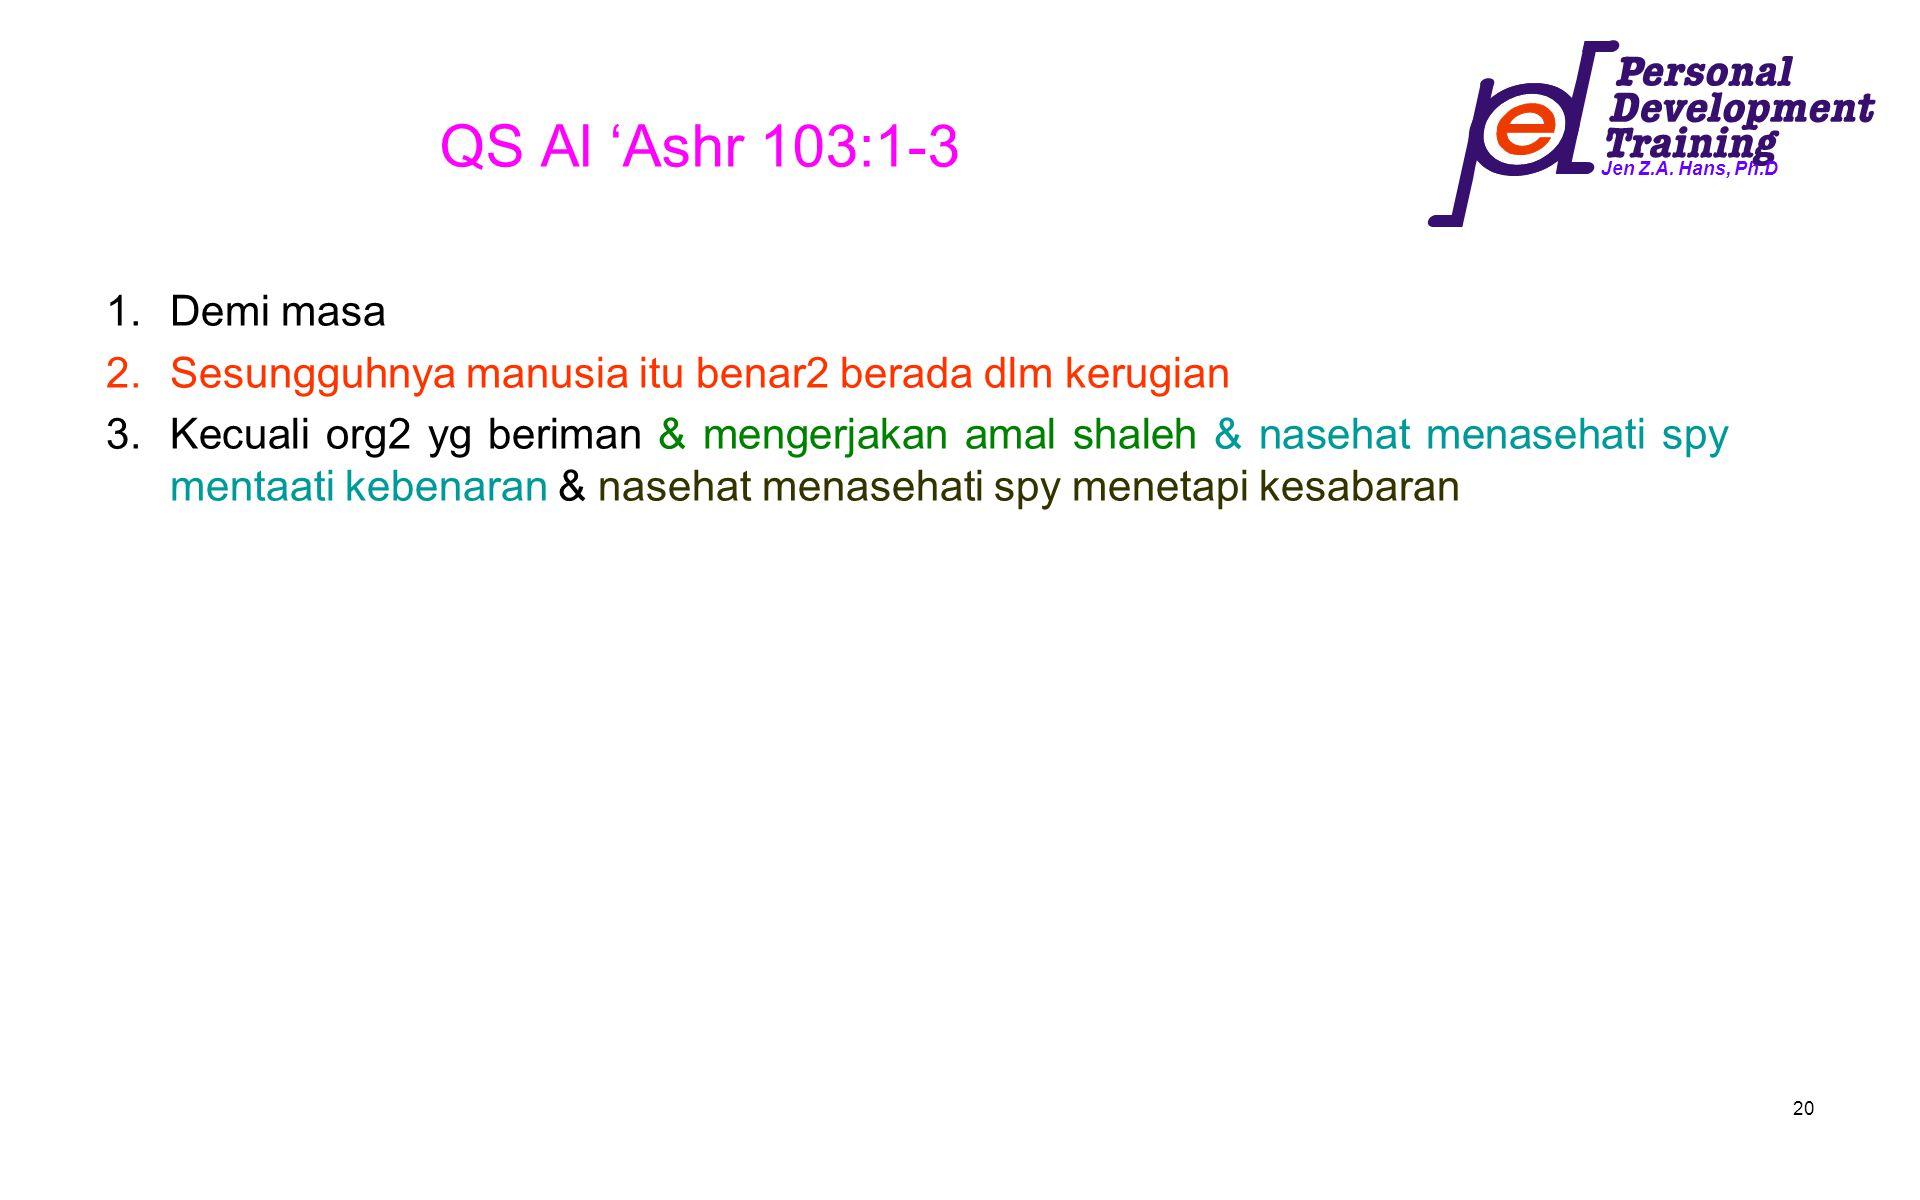 QS Al 'Ashr 103:1-3 Demi masa. Sesungguhnya manusia itu benar2 berada dlm kerugian.